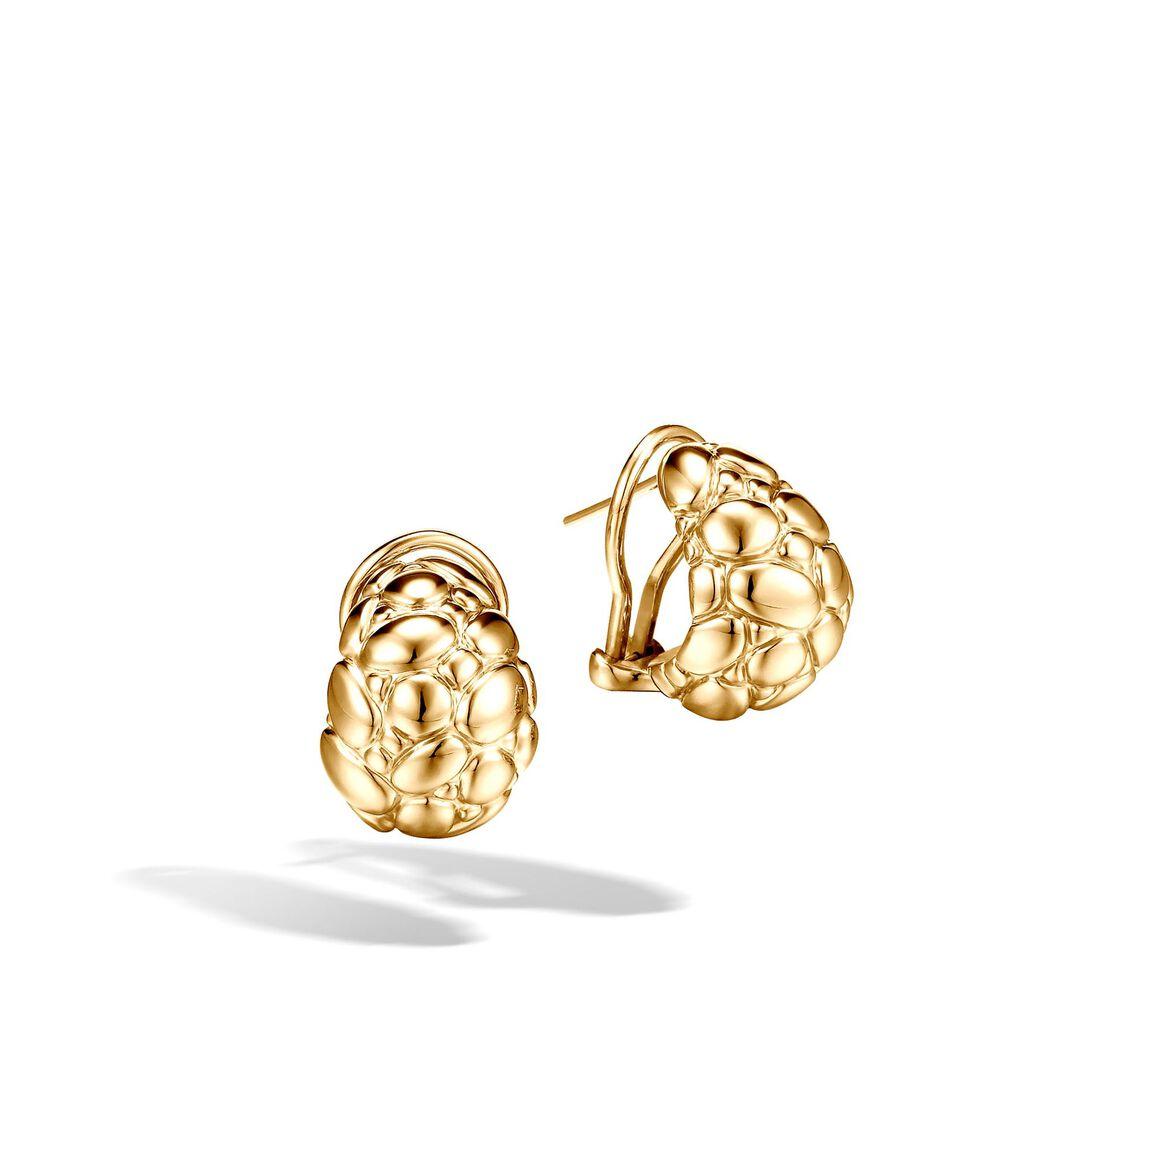 Kali Buddha Belly Earring in 18K Gold